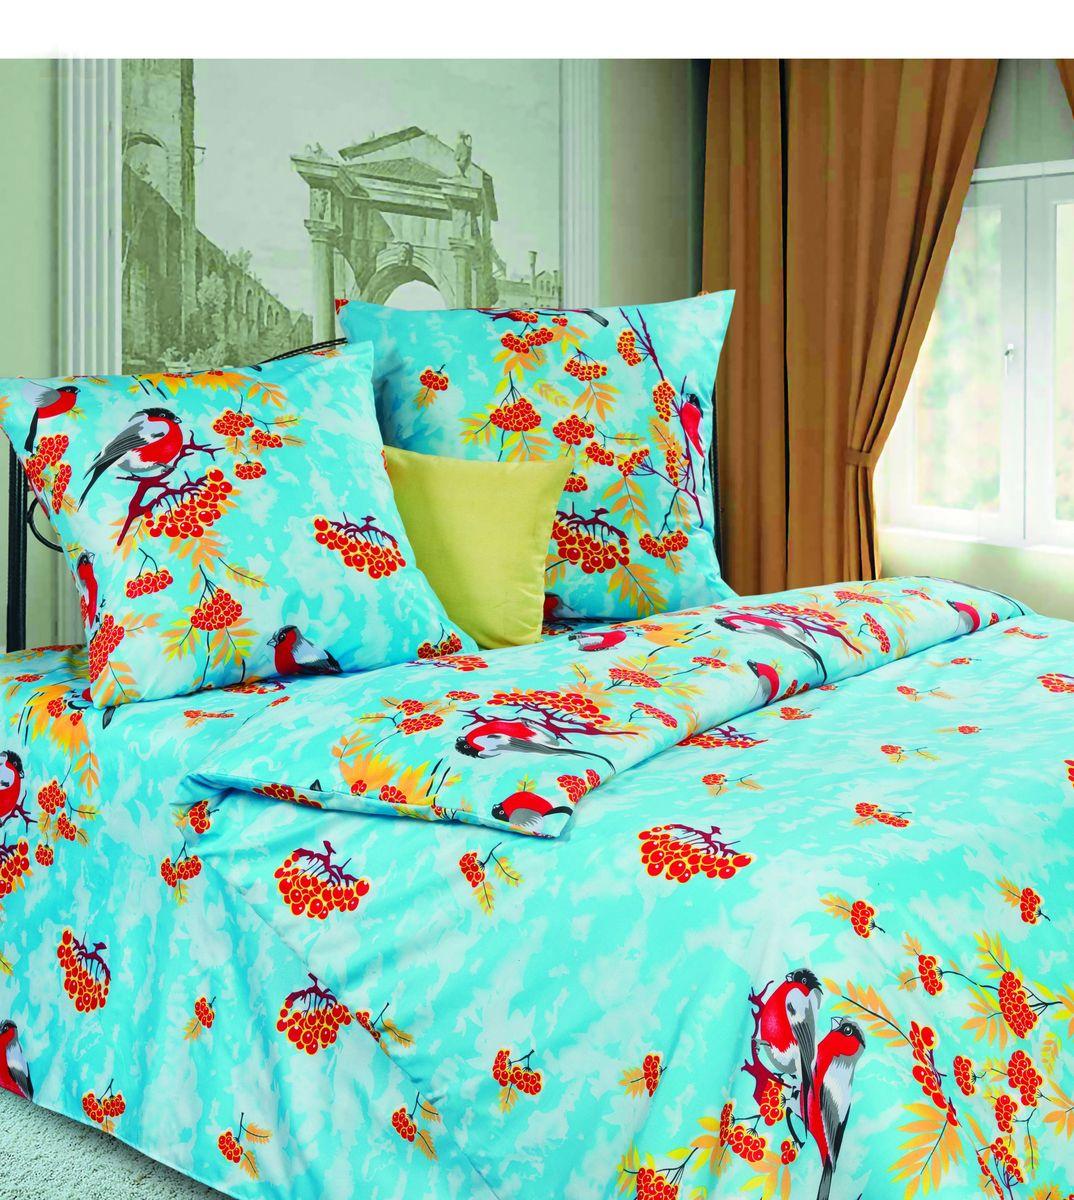 Комплект белья Guten Morgen Снегири, 2-спальный, наволочки 69х69PW-15-173-175-69Комплект постельного белья Guten Morgen Снегири, изготовленный из микрофибры (100% полиэстер), поможет вам расслабиться и подарит спокойный сон. Комплект состоит из пододеяльника, простыни и двух наволочек. Благодаря такому комплекту постельного белья вы сможете создать атмосферу уюта и комфорта в вашей спальне. Ткань микрофибра - новая технология в производстве постельного белья. Тонкие волокна, используемые в ткани, производят путем переработки полиамида и полиэстера. Такая нить не впитывает влагу, как хлопок, а пропускает ее через себя, и влага быстро испаряется. Изделие не деформируется и хорошо держит форму.